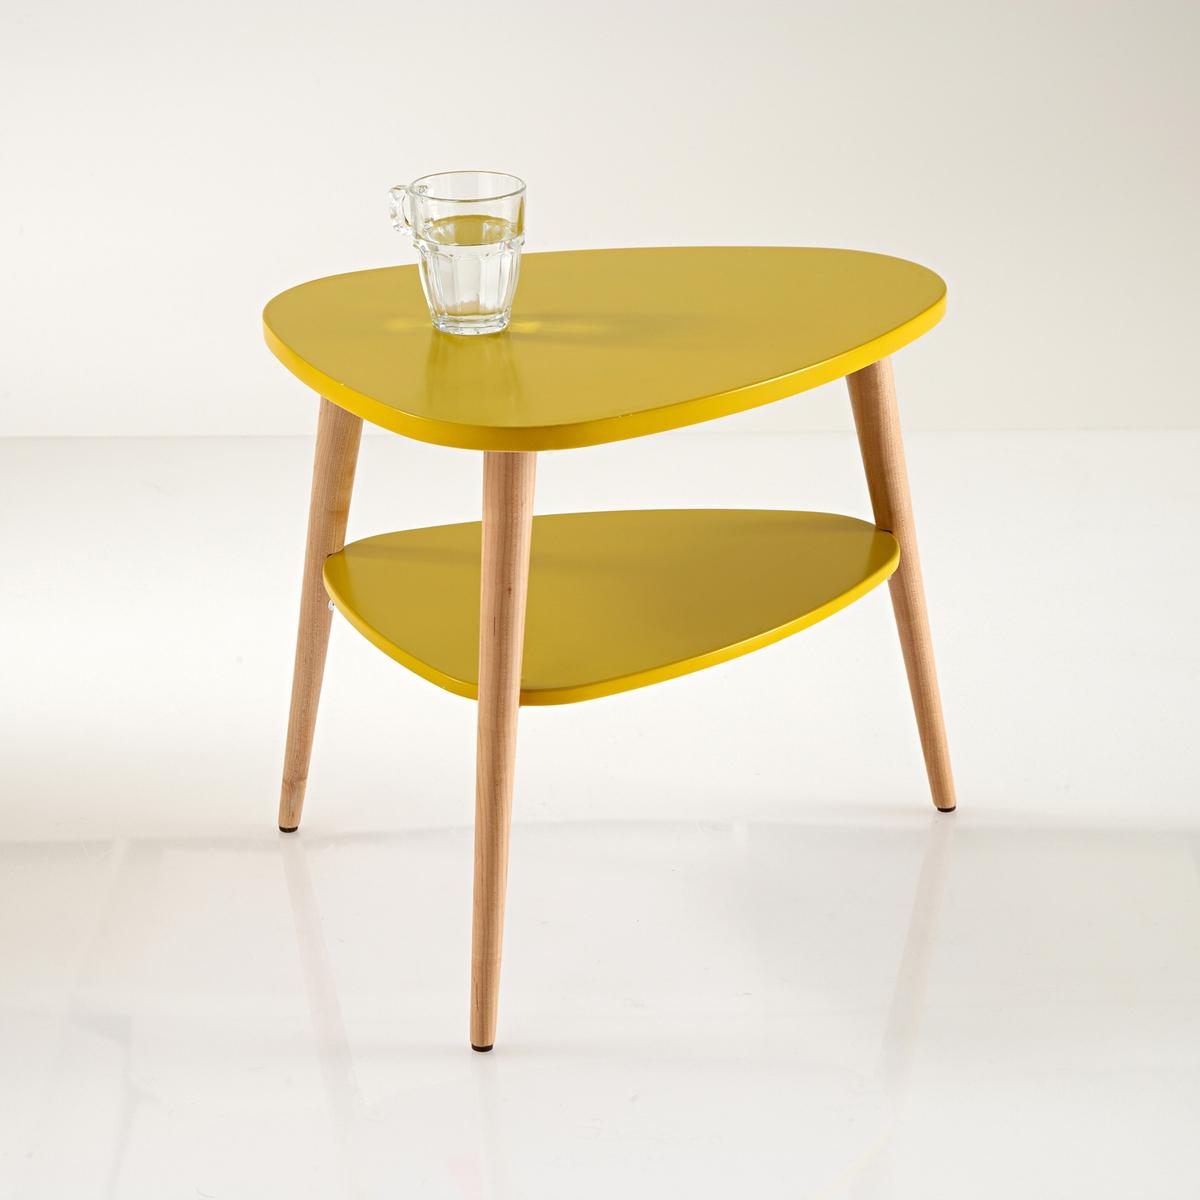 Столик La Redoute Прикроватный в винтажном стиле Jimi единый размер каштановый туалетный la redoute столик clairoy единый размер каштановый